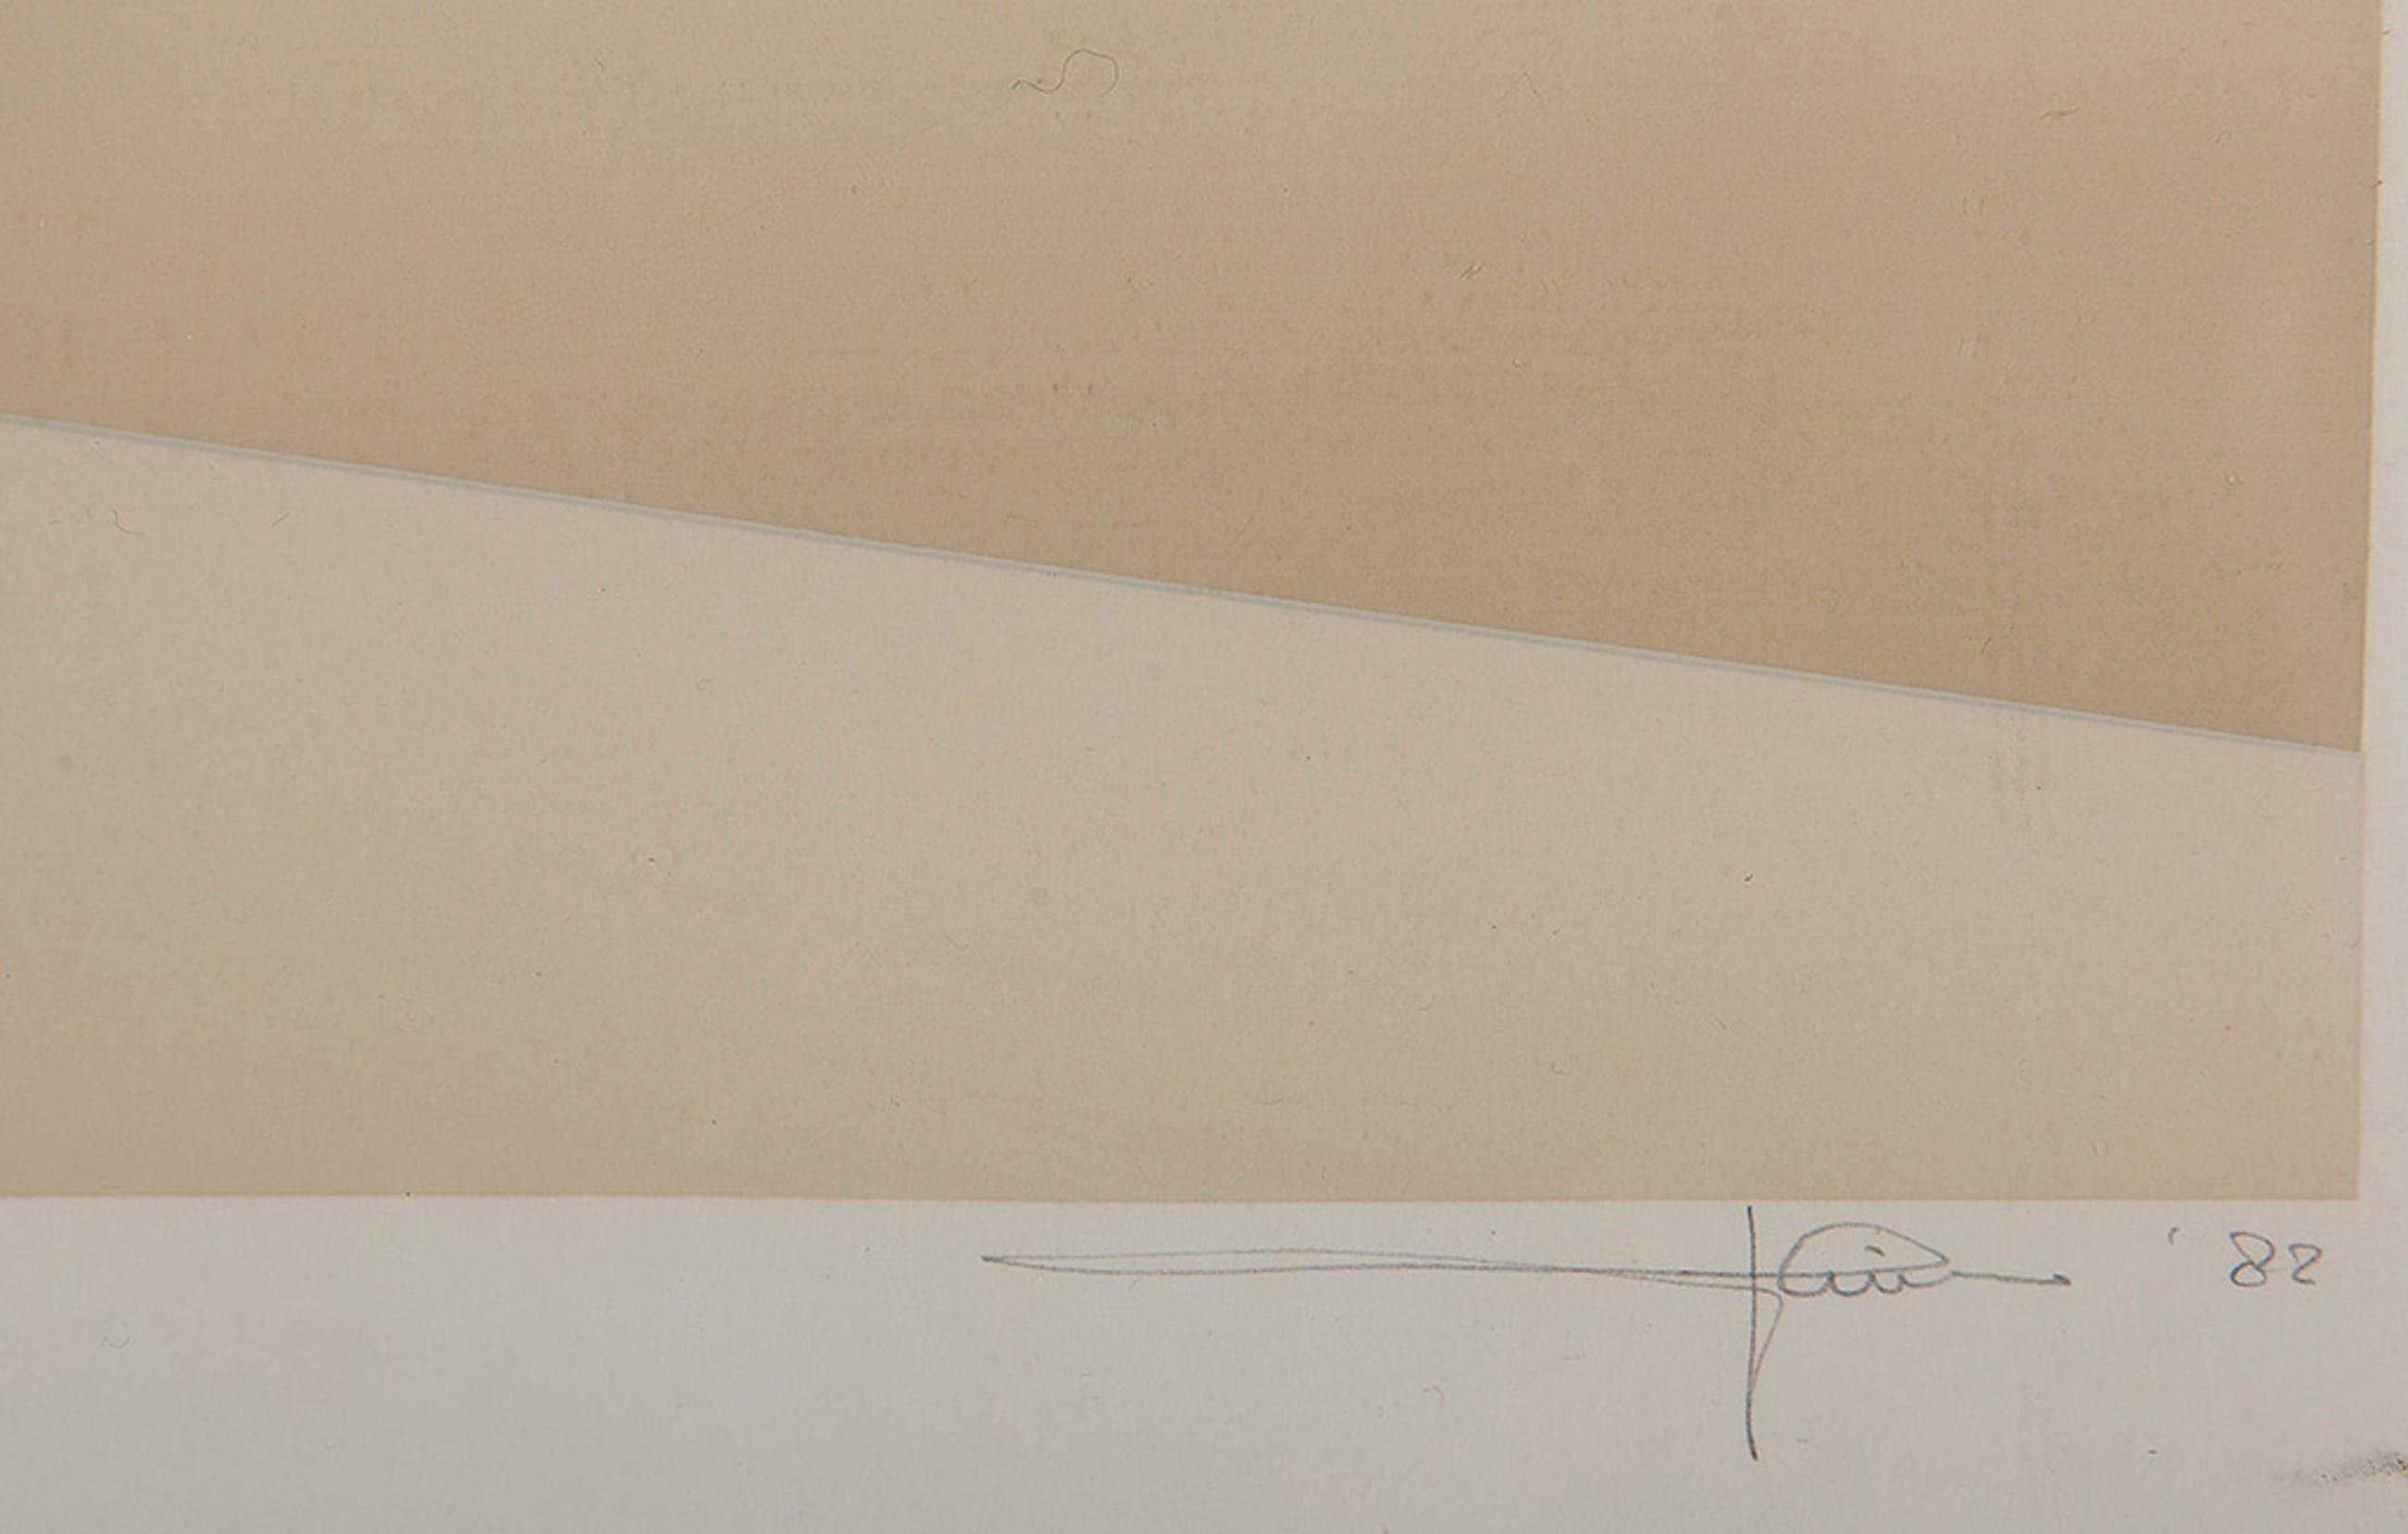 Dirk Huizer - Piramiden - 2/25 - 1982 - zeefdruk op papier - BKR Rotterdam kopen? Bied vanaf 20!